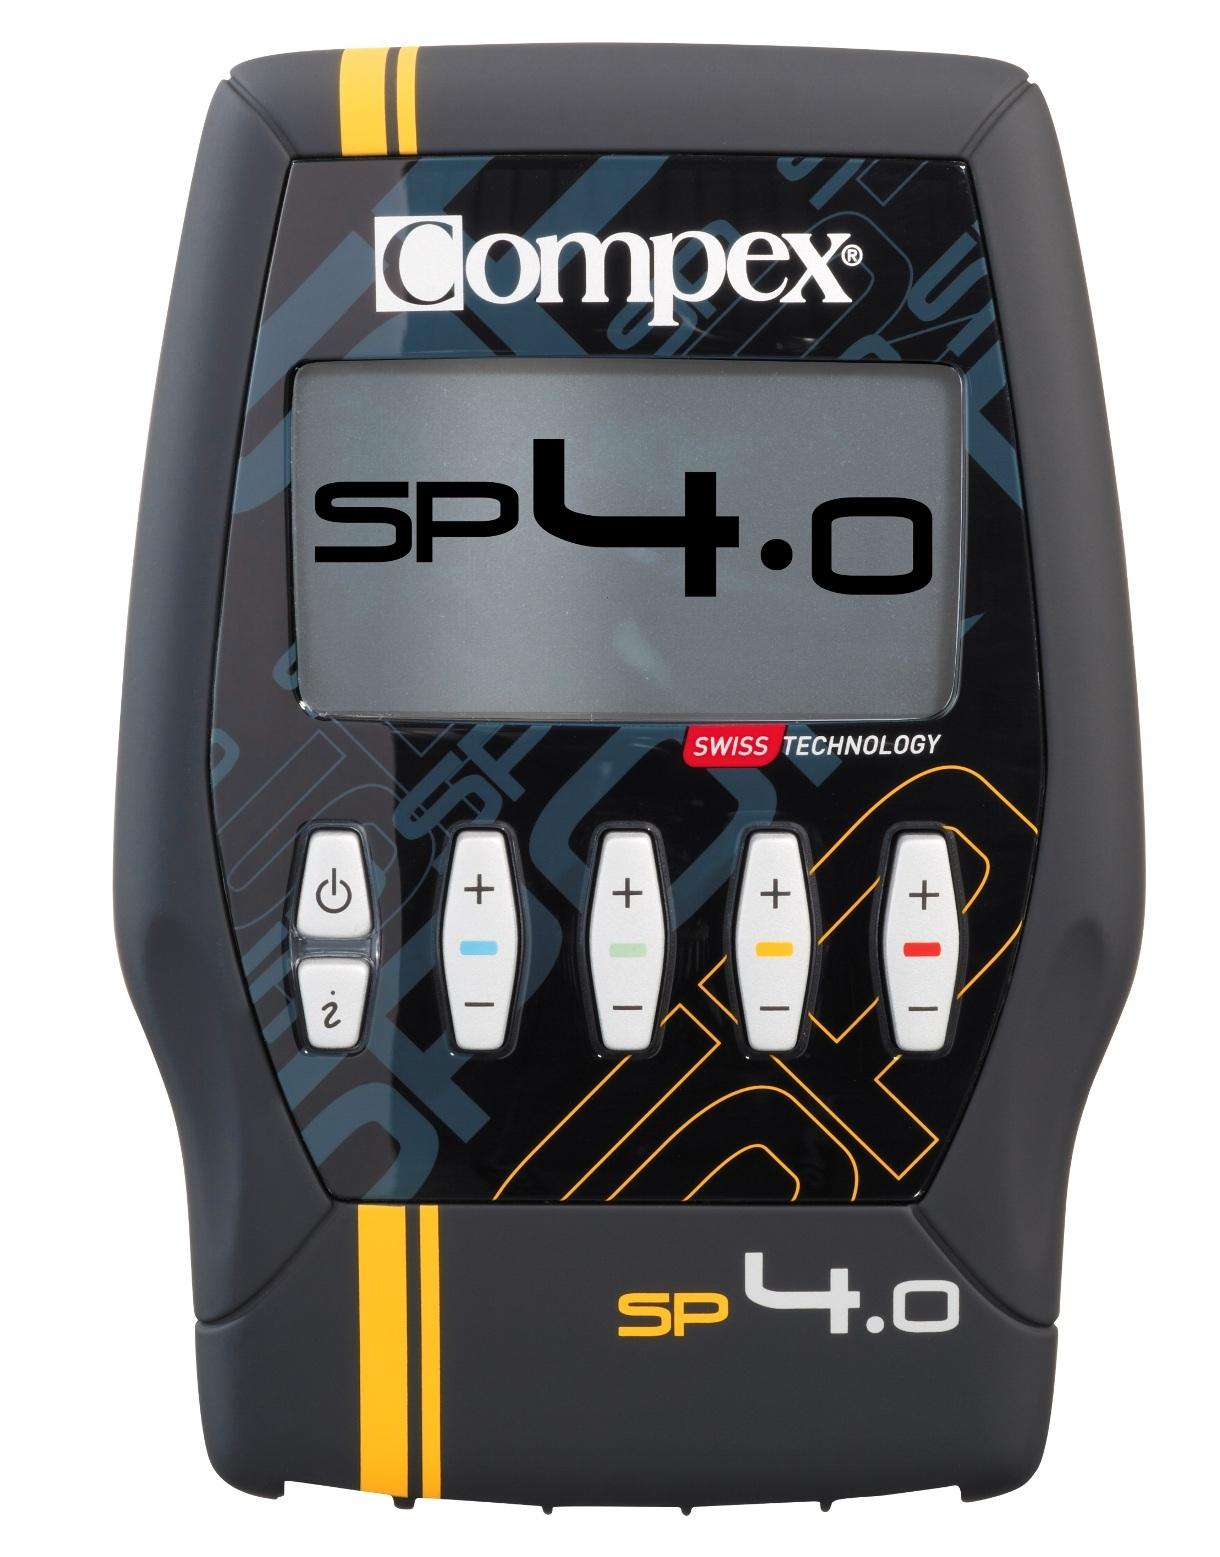 Compex SP 4.0 Mi